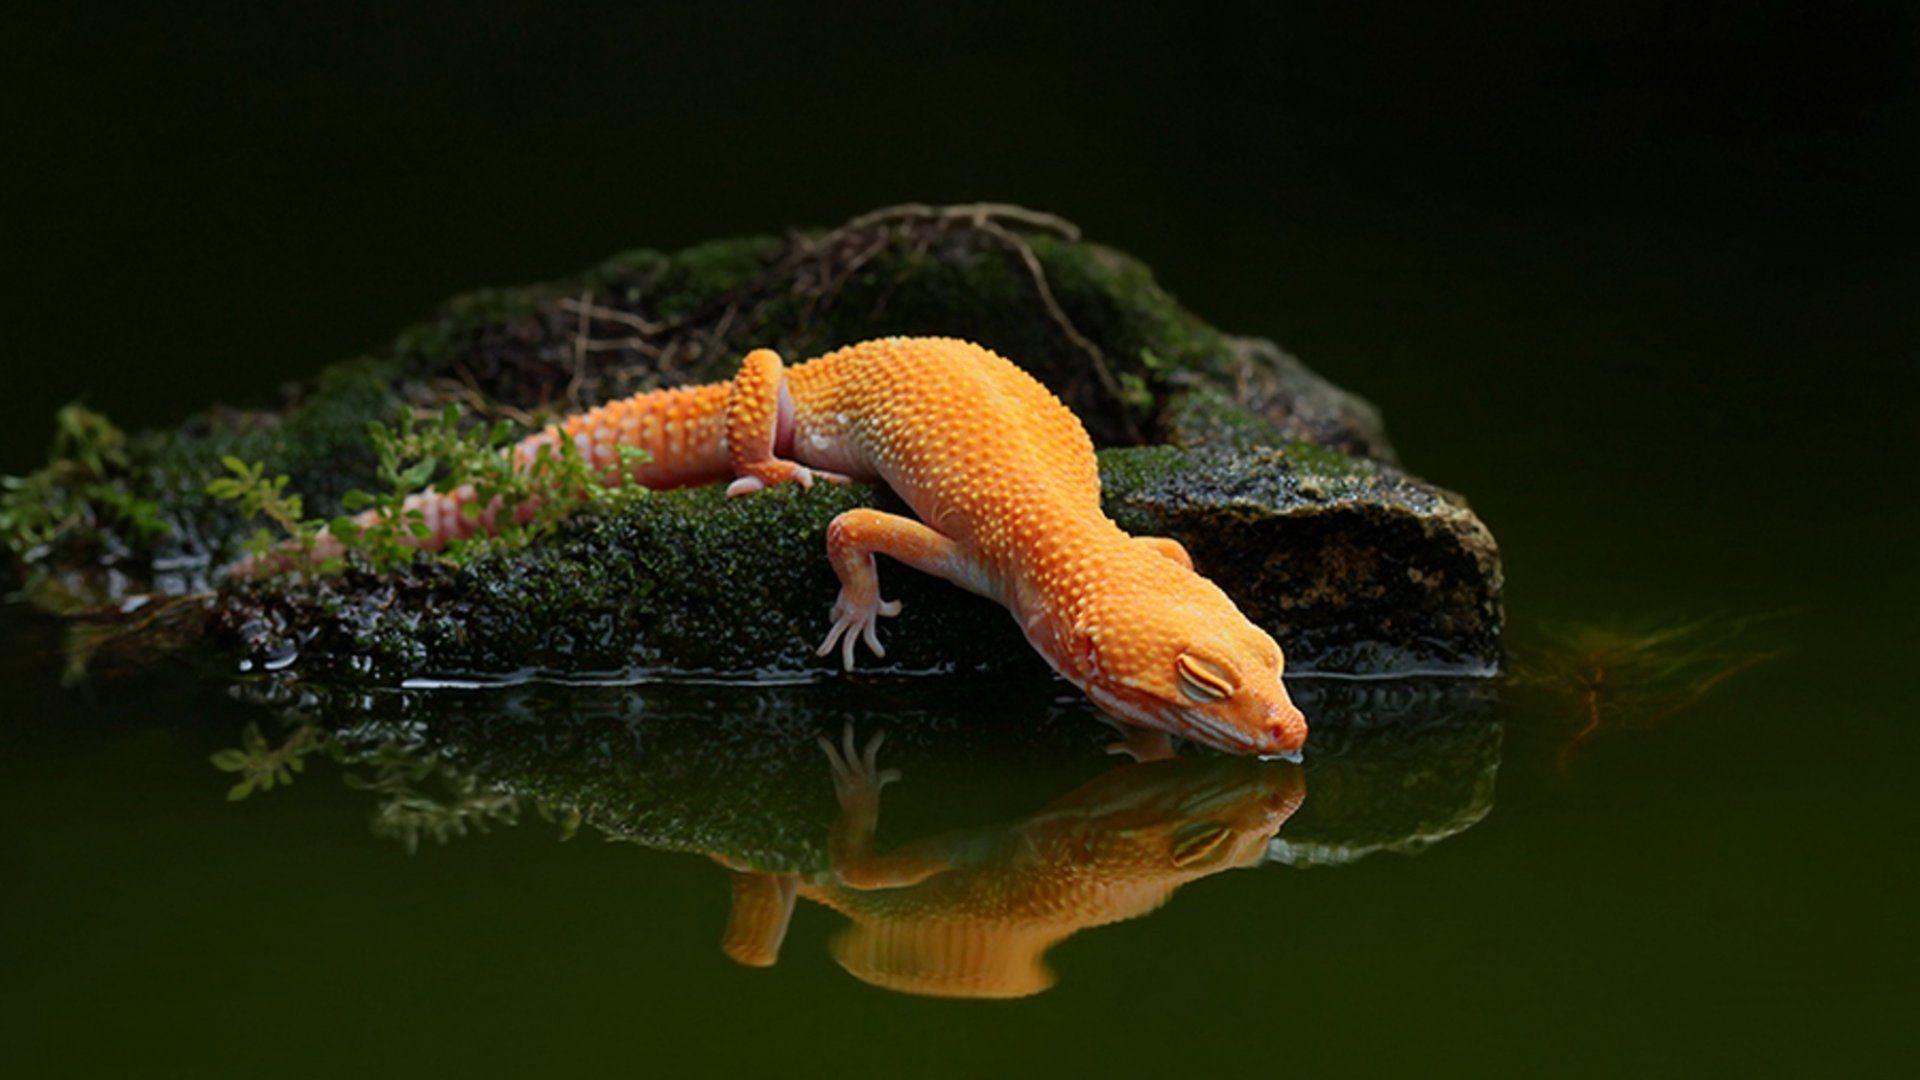 Beautiful Lizard Picture